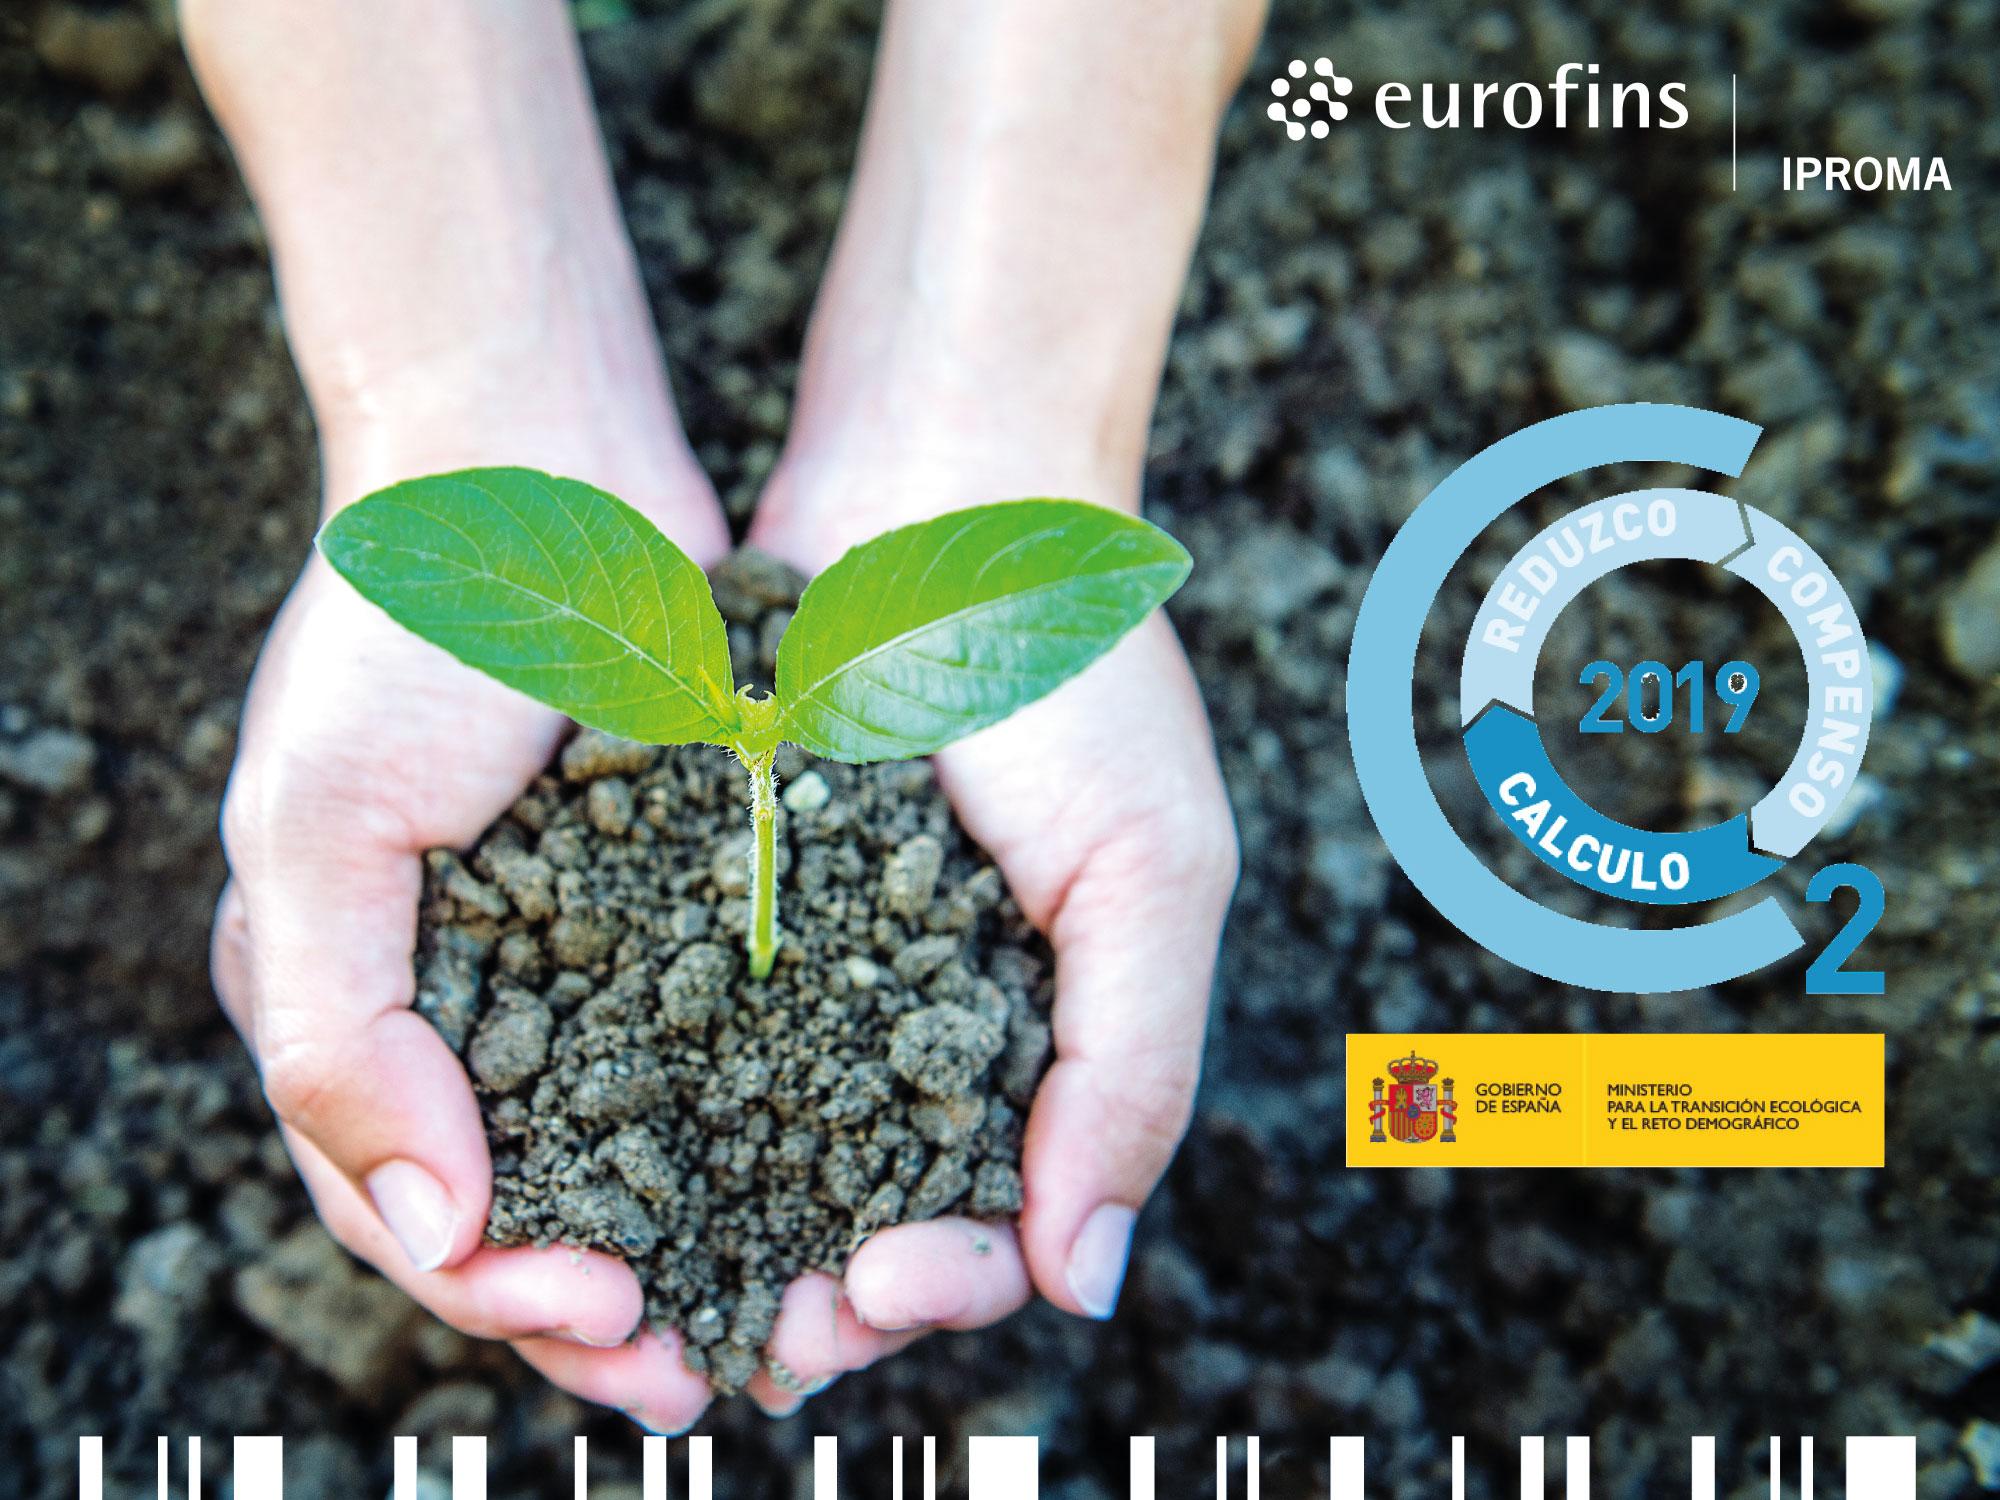 https://www.iproma.com/es/eurofins-iproma-inscribe-su-huella-de-carbono-en-el-ministerio-de-transicion-ecologica/